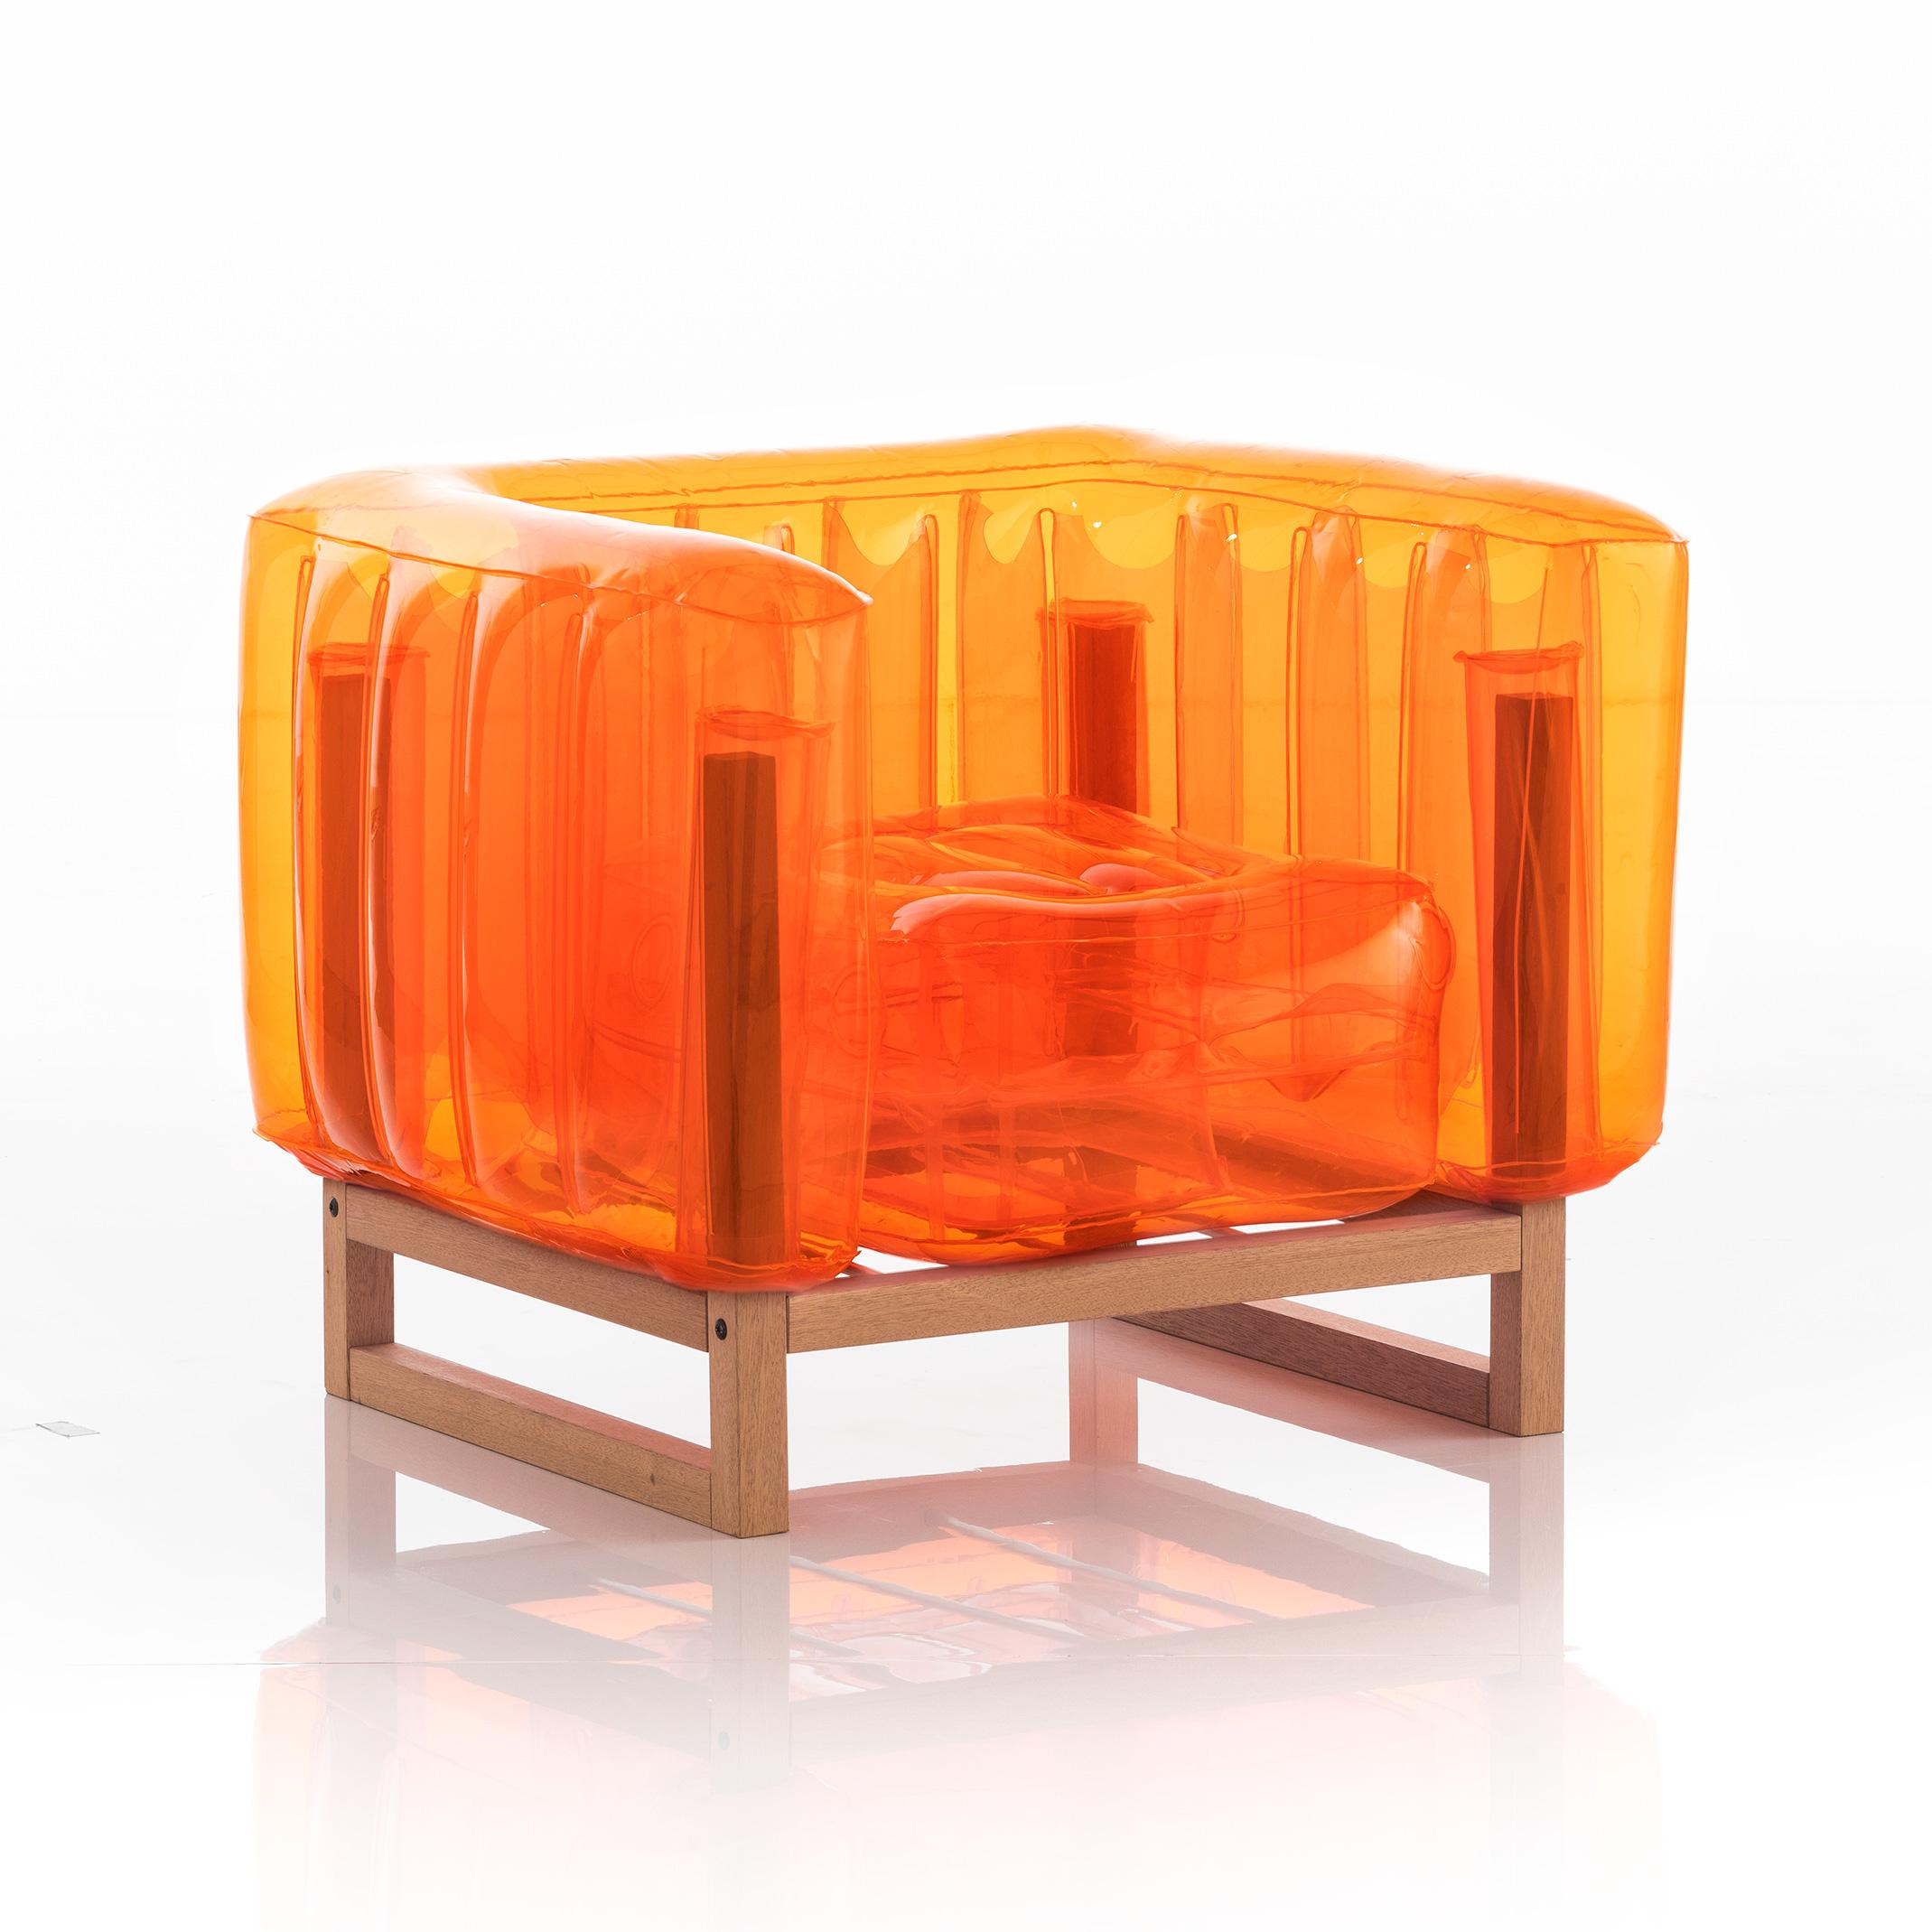 Fauteuil tpu orange cristal cadre en bois